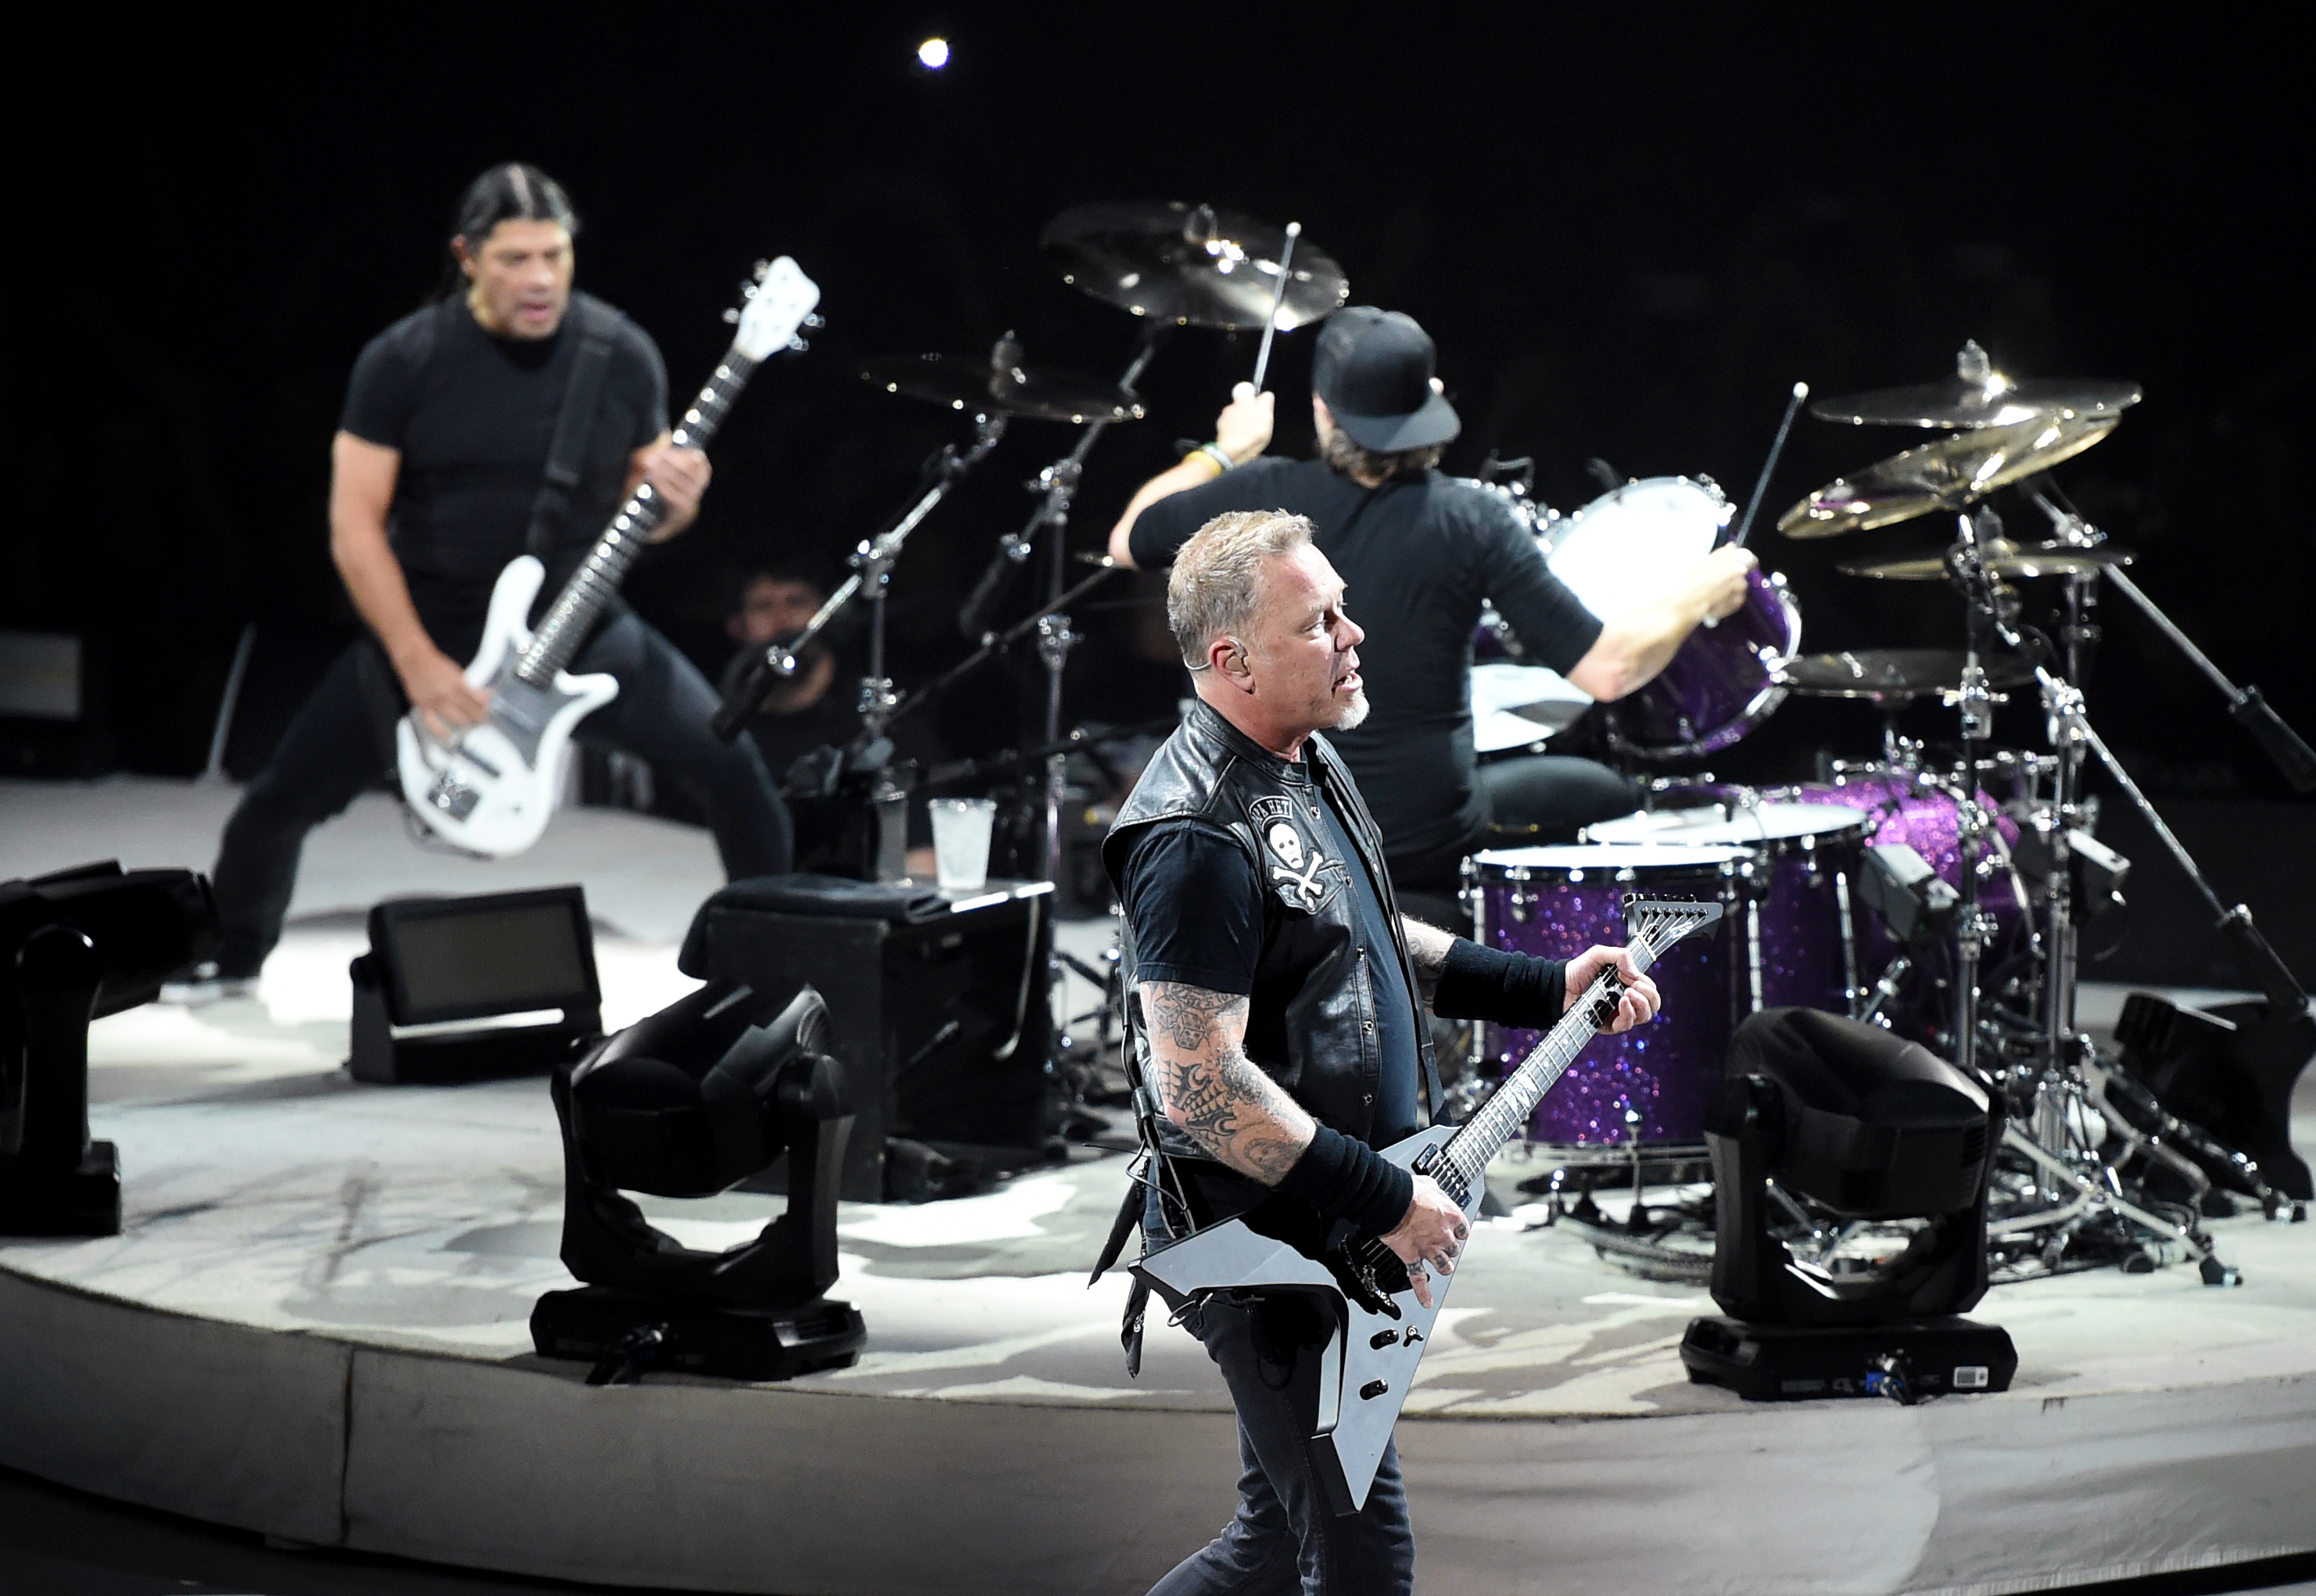 Tankcsapdát játszott a Metallica a budapesti koncertjén